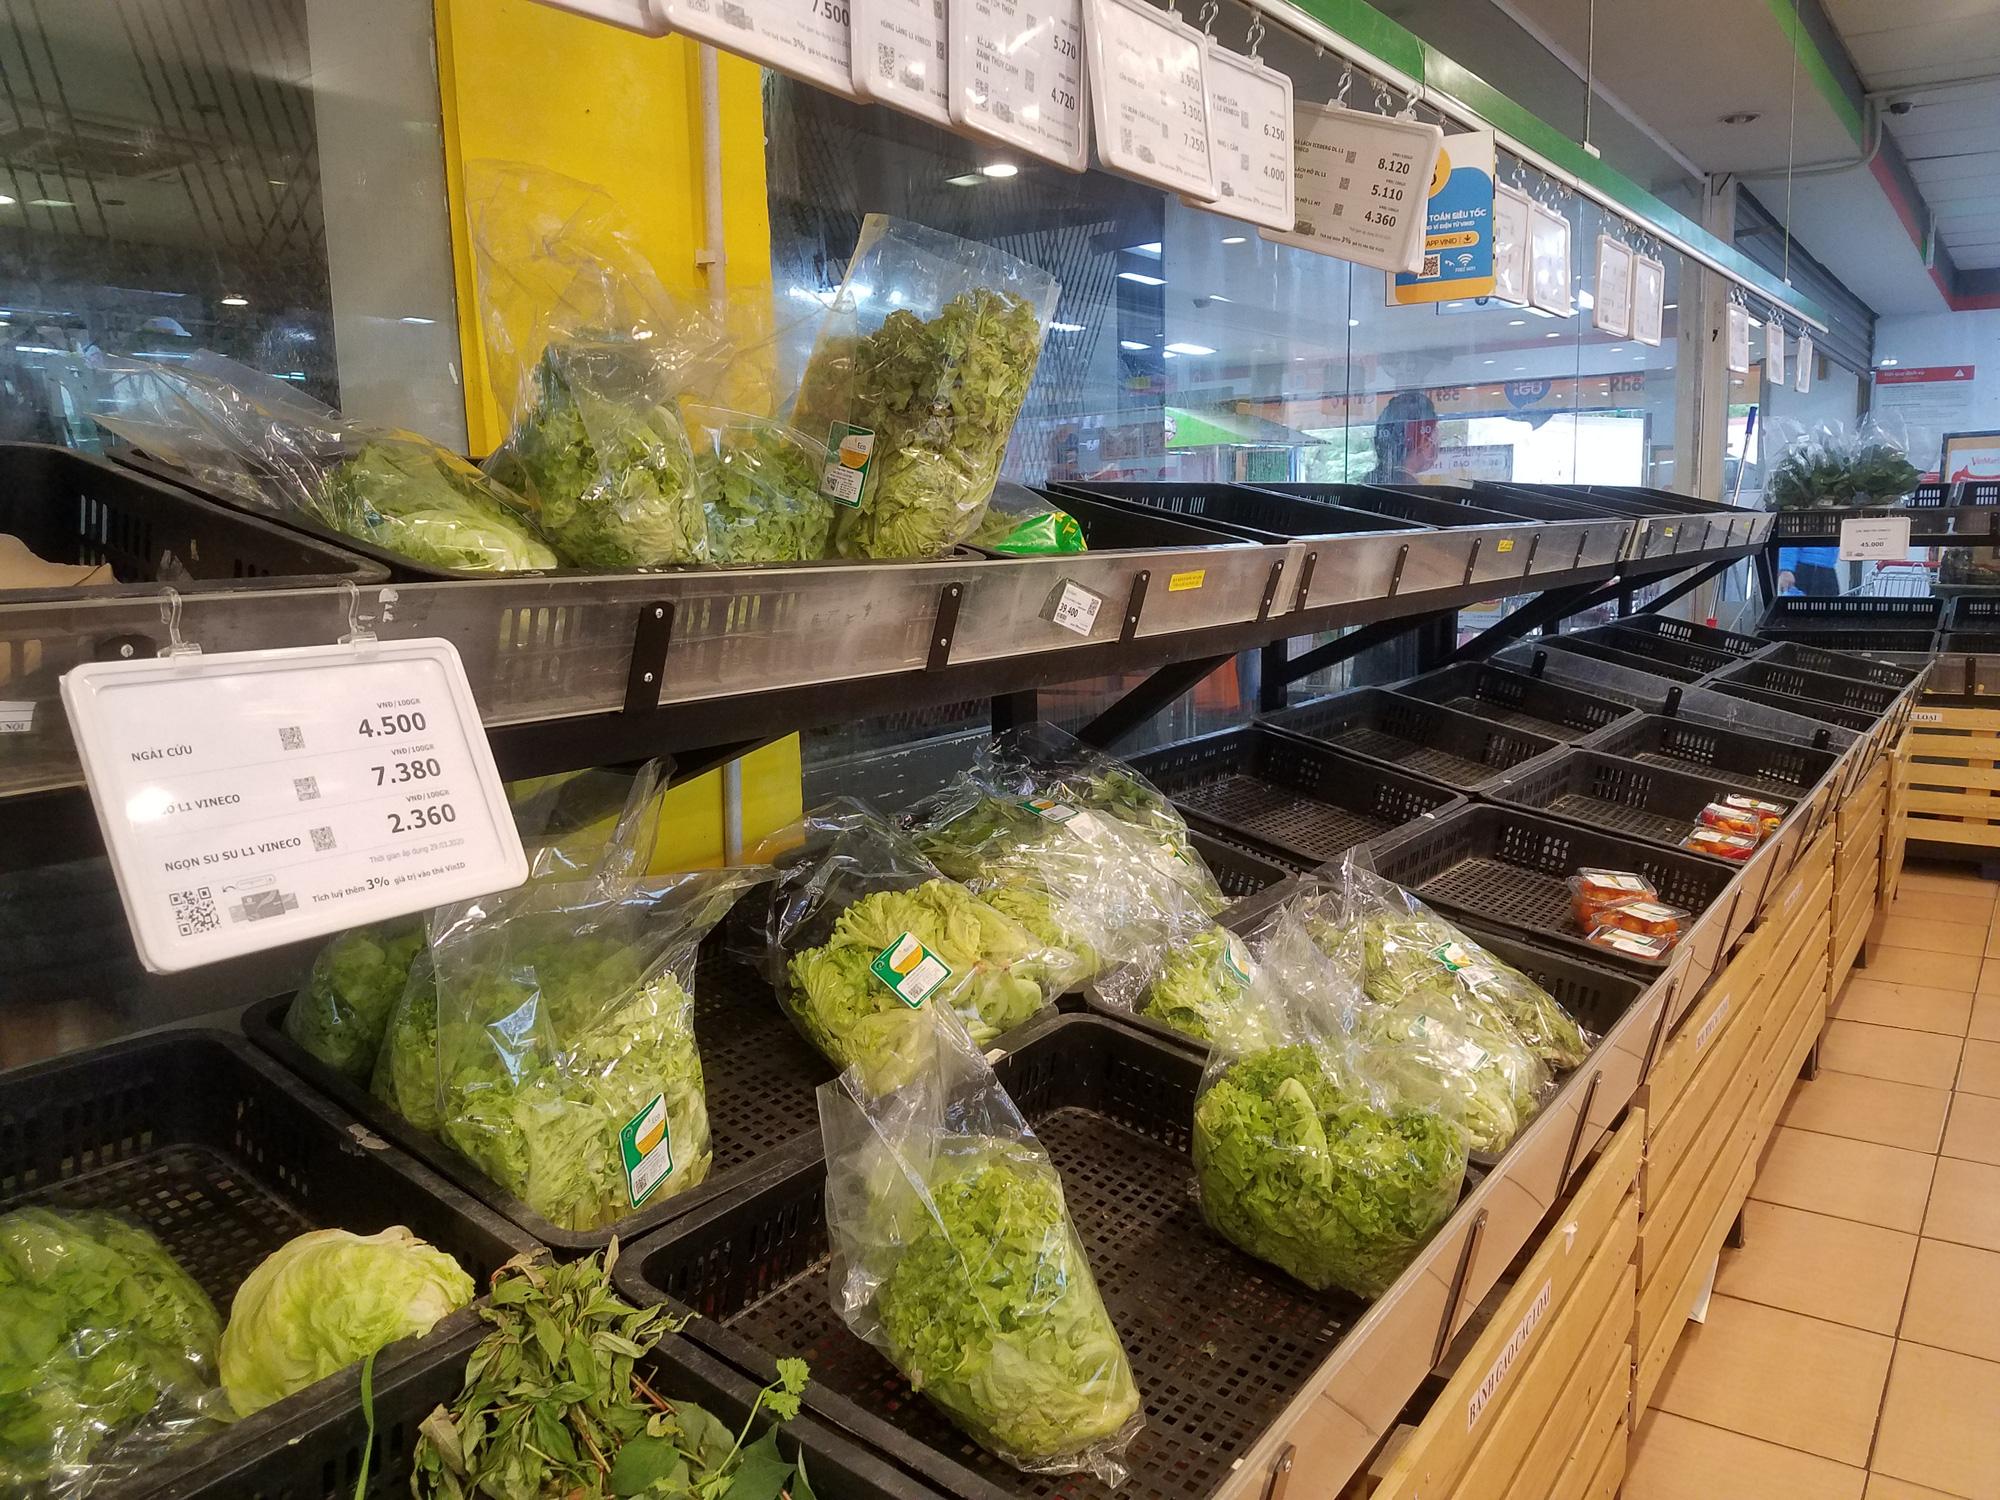 Hà Nội: Người dân tranh thủ ra các chợ, siêu thị mua lương thực và các đồ thiết yếu - Ảnh 5.